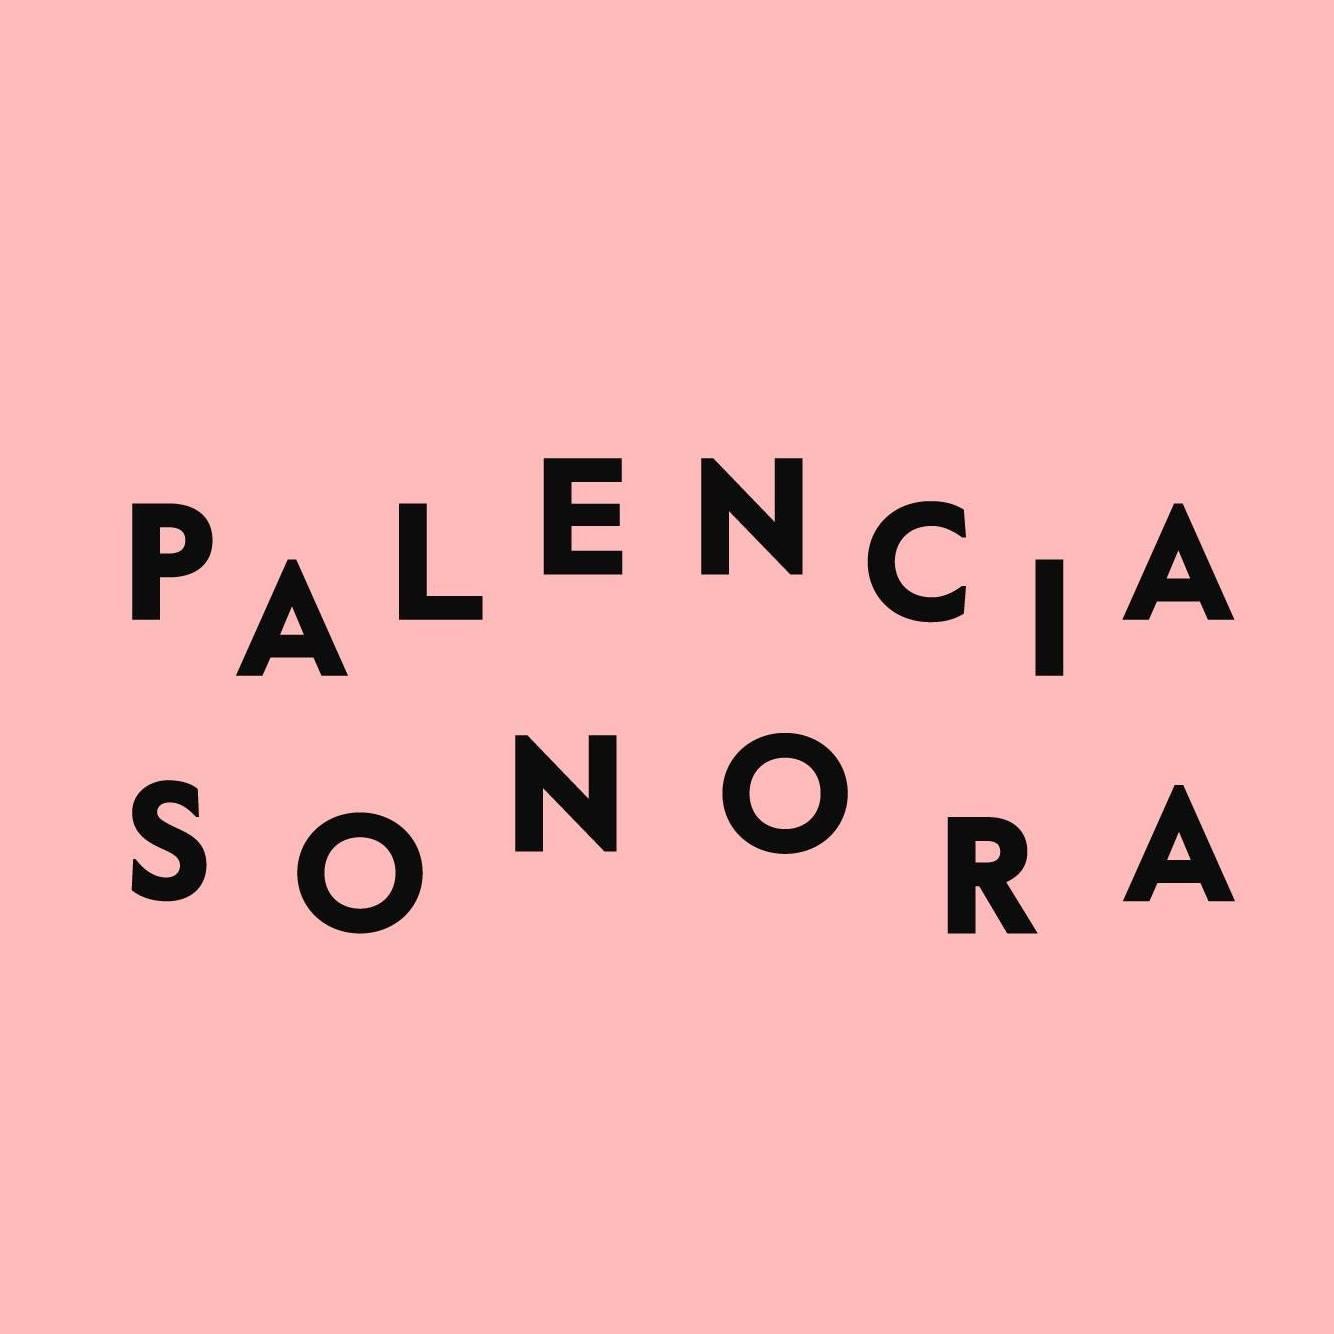 LOGO PALENCIA SONORA